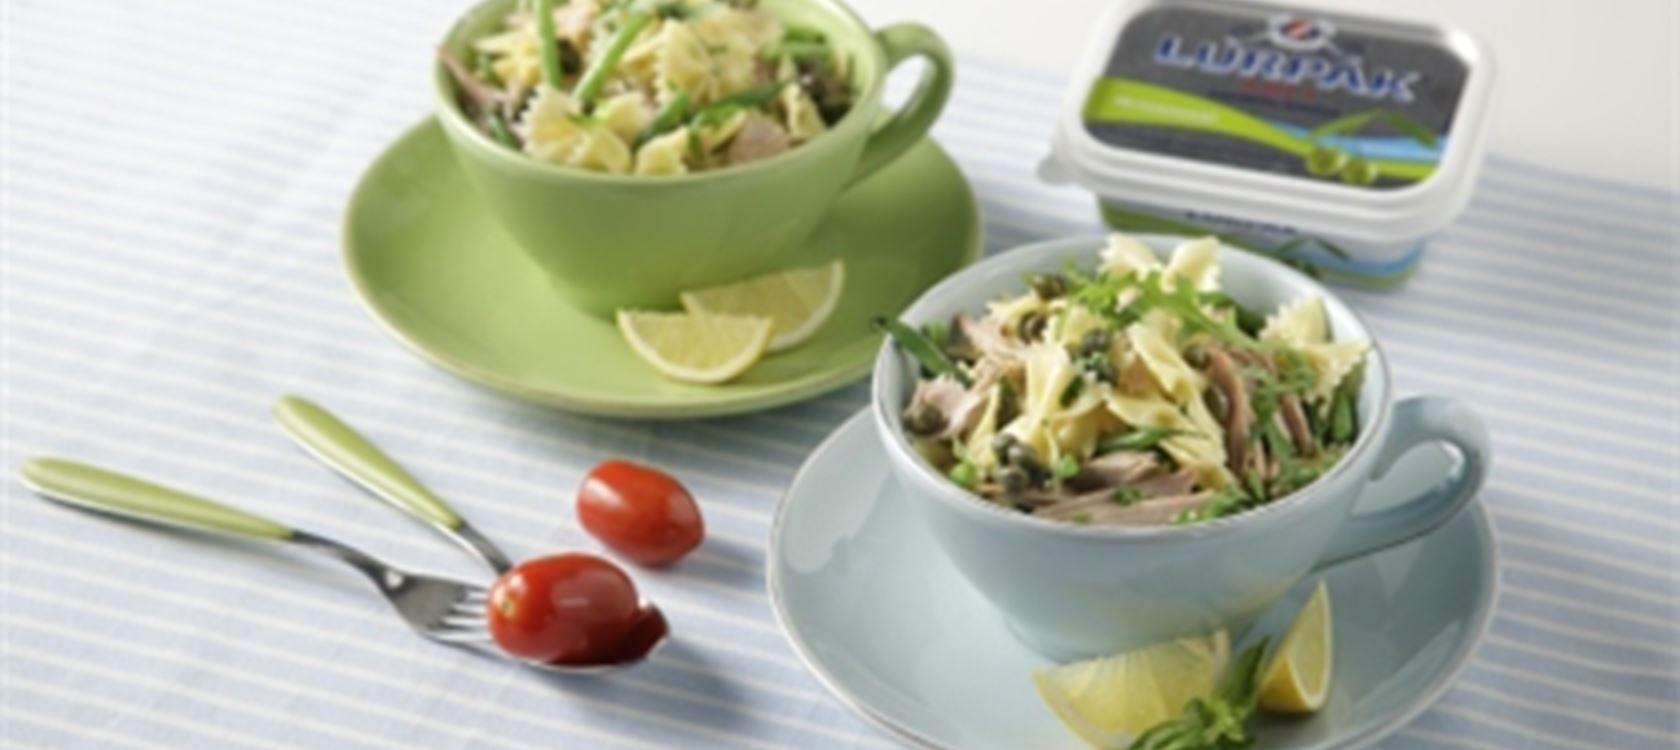 Σαλάτα ζυμαρικών με τόνο και φρέσκα μυρωδικά